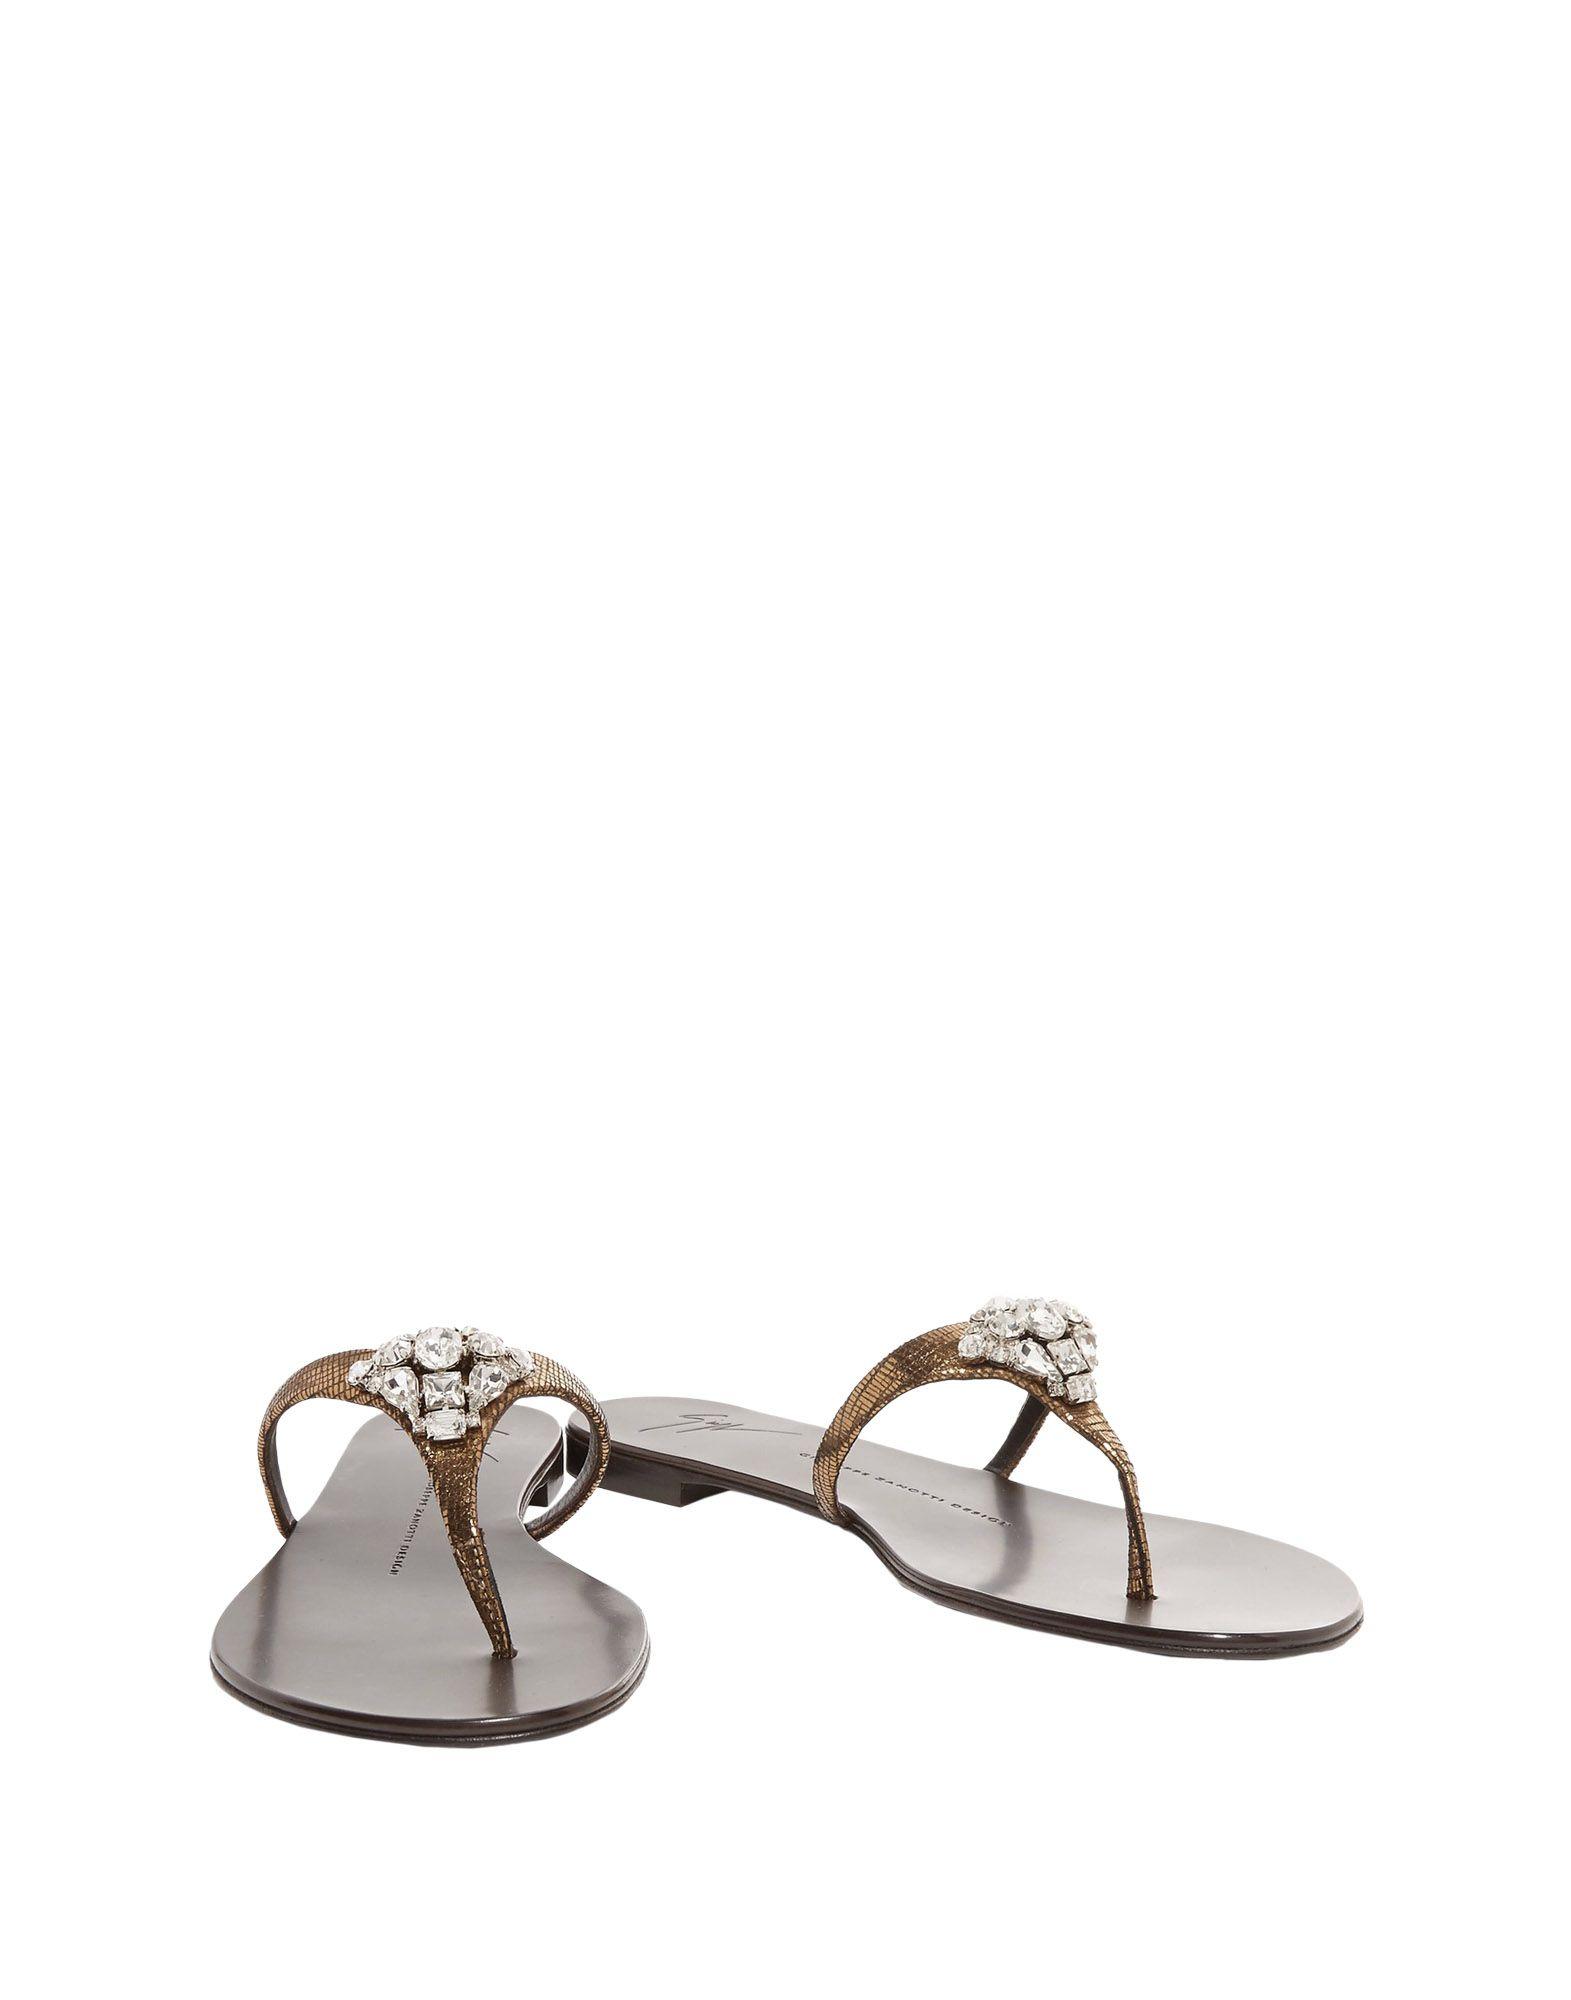 Giuseppe Women Zanotti Flip Flops - Women Giuseppe Giuseppe Zanotti Flip Flops online on  Australia - 11524180IJ 18897b